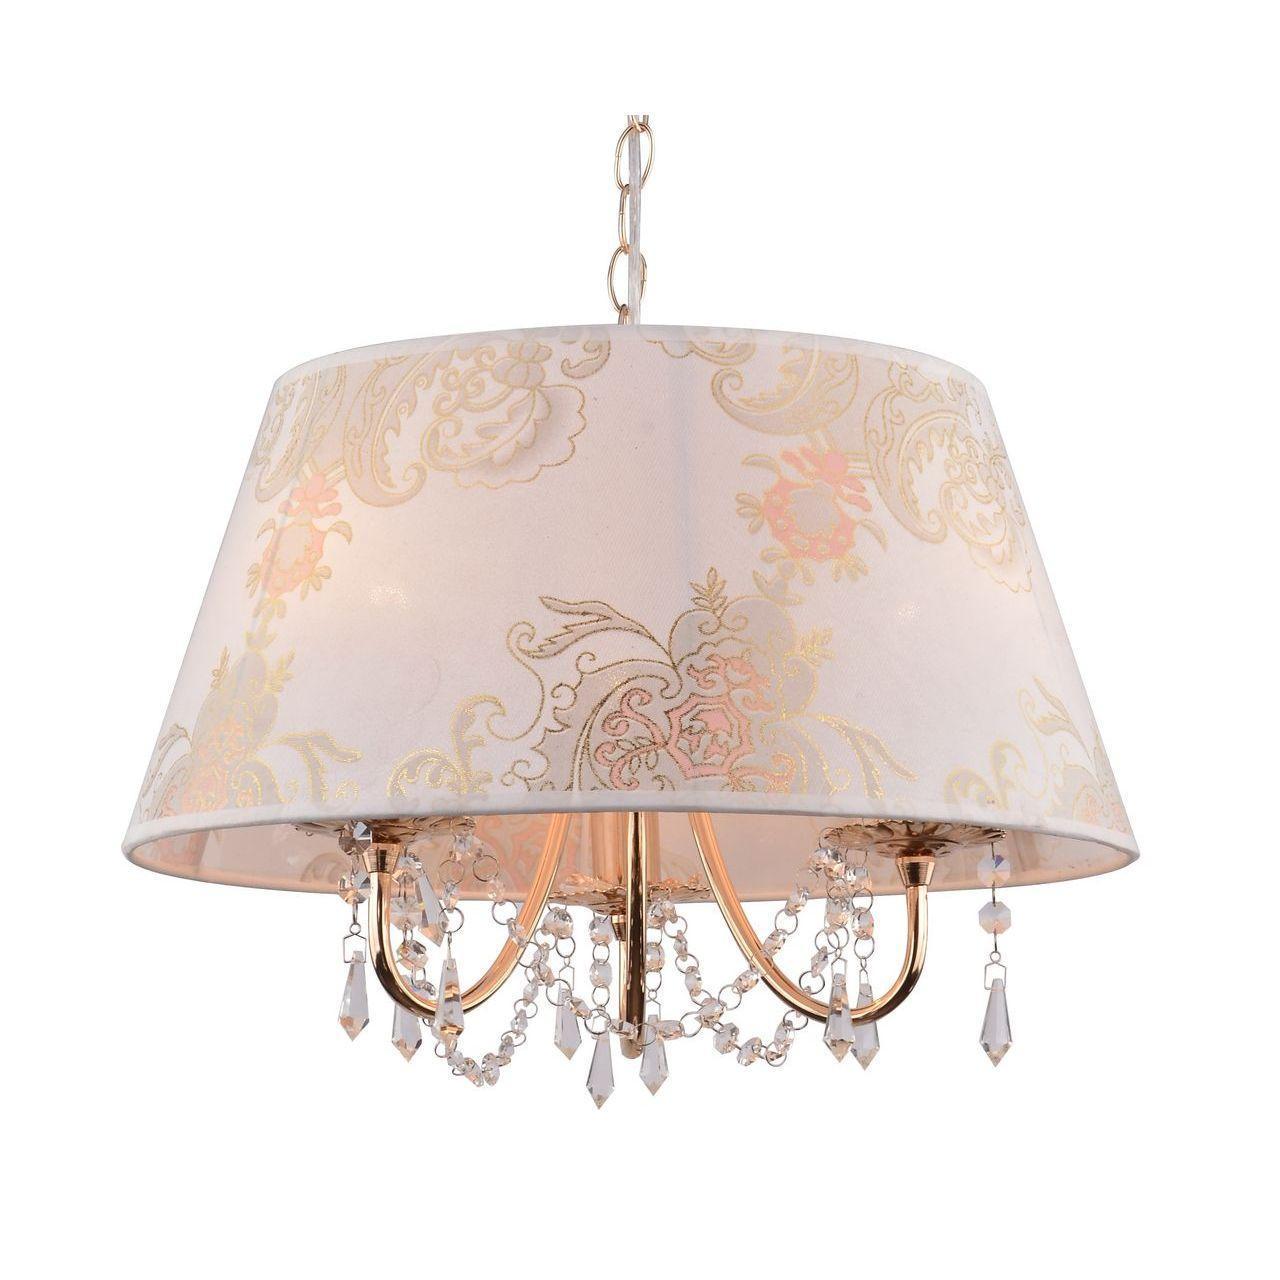 Подвесная люстра Arte Lamp Armonico A5008SP-3GO arte lamp a8149sp 3go